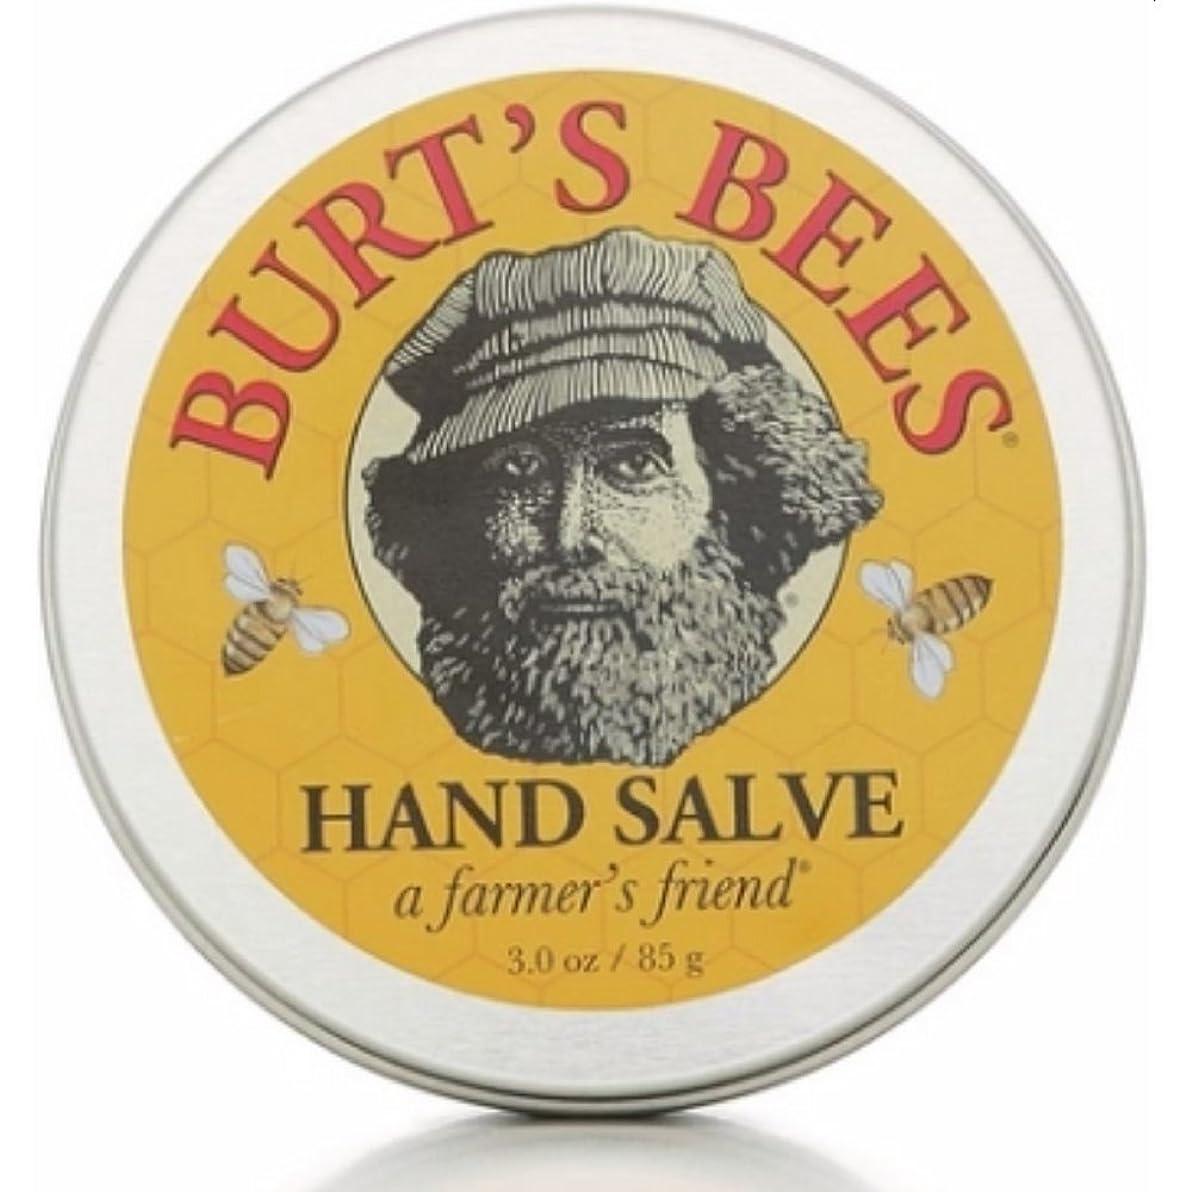 放棄花瓶ワームバーツビーズ Burts Bees ハンドサルブ 85g 【並行輸入品】